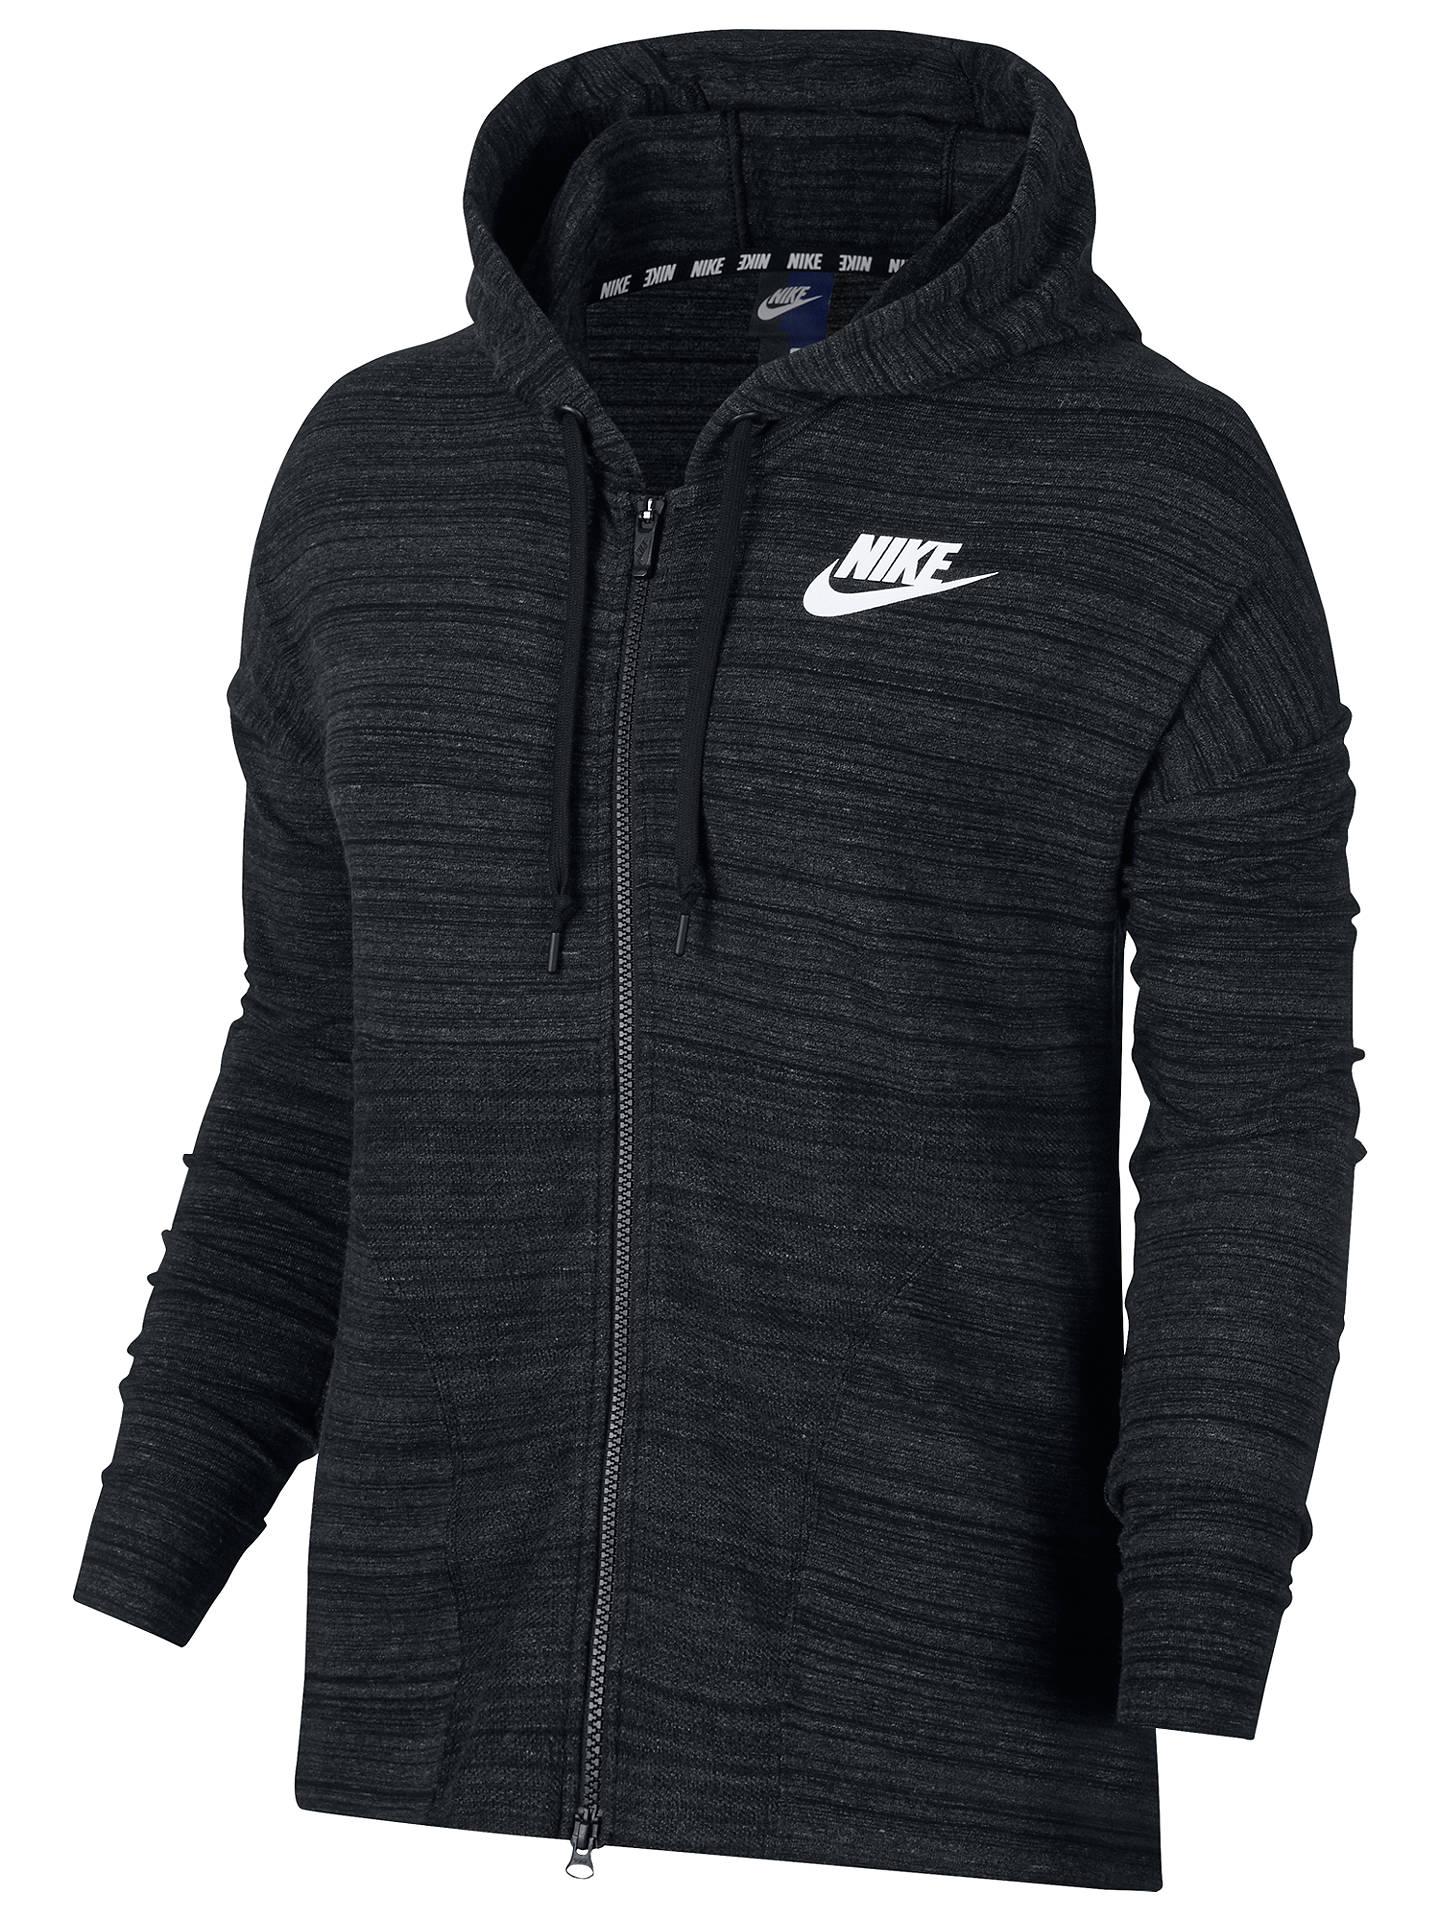 Jacket Advance 15 Sportswear Sportswear Nike Nike PTZlwOkXiu